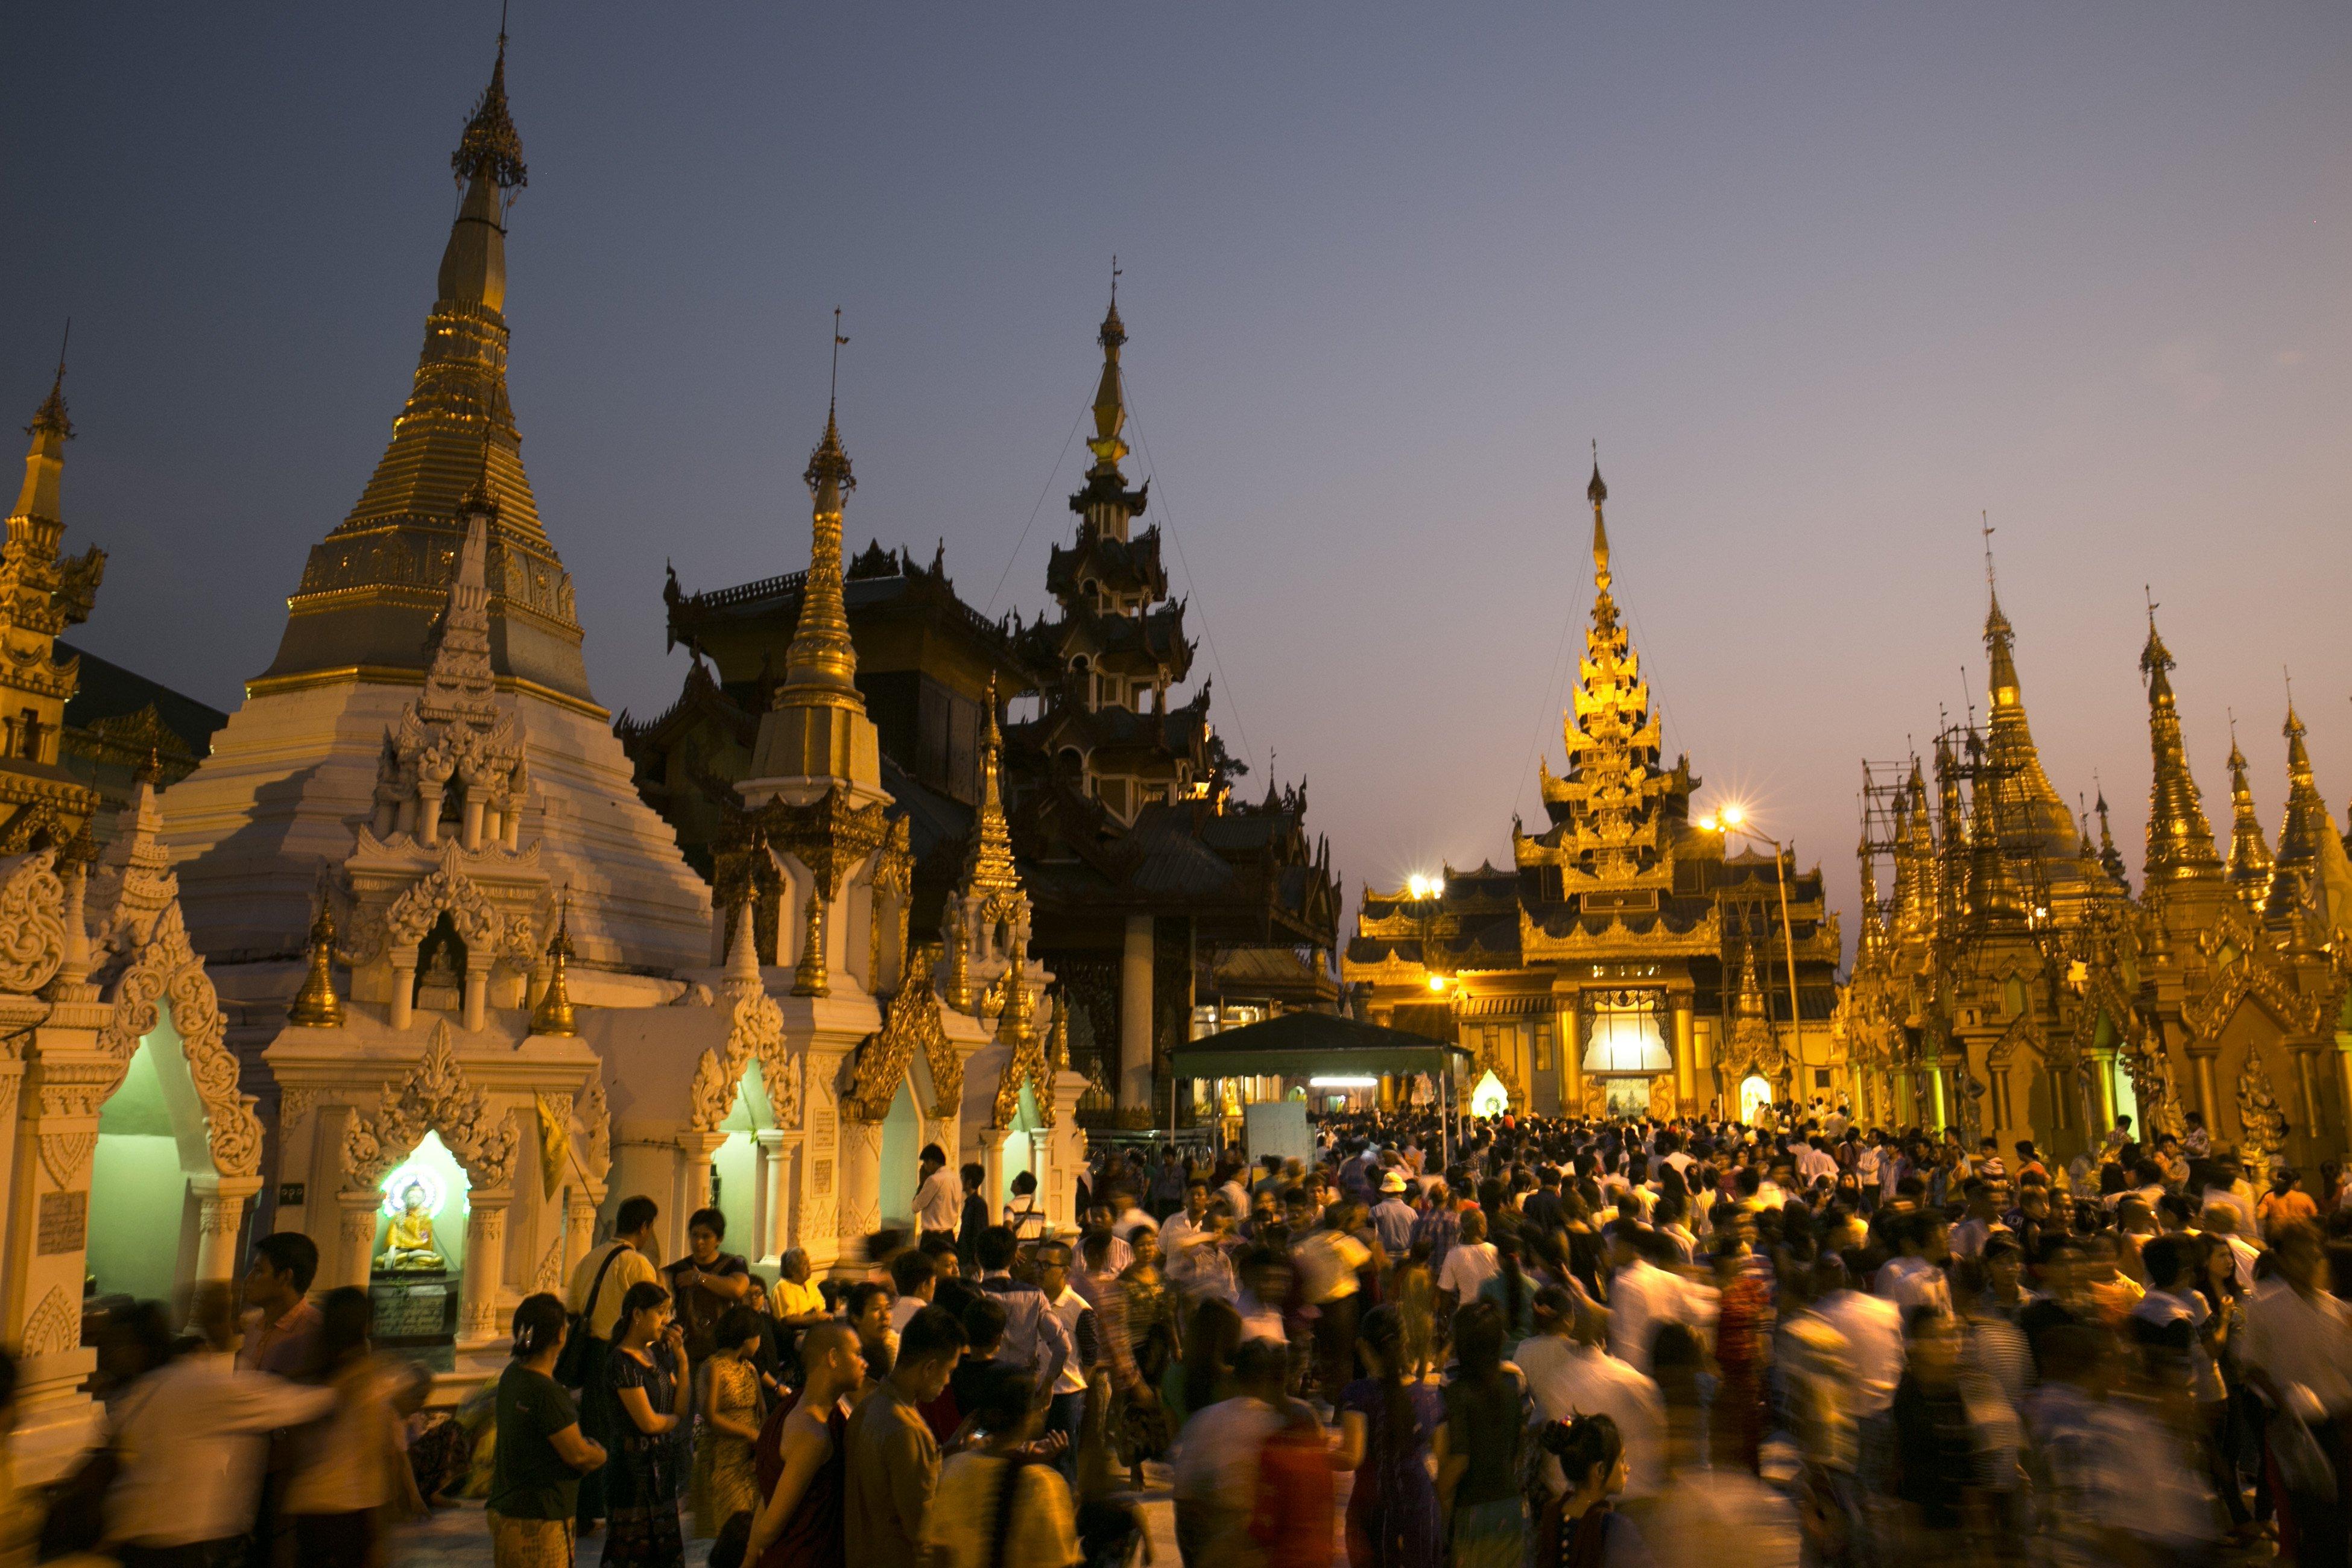 Miles de turistas visitan la pagoda de Shwedagon para celebrar un festival de año nuevo en Myanmar. || Fuente: Getty Images